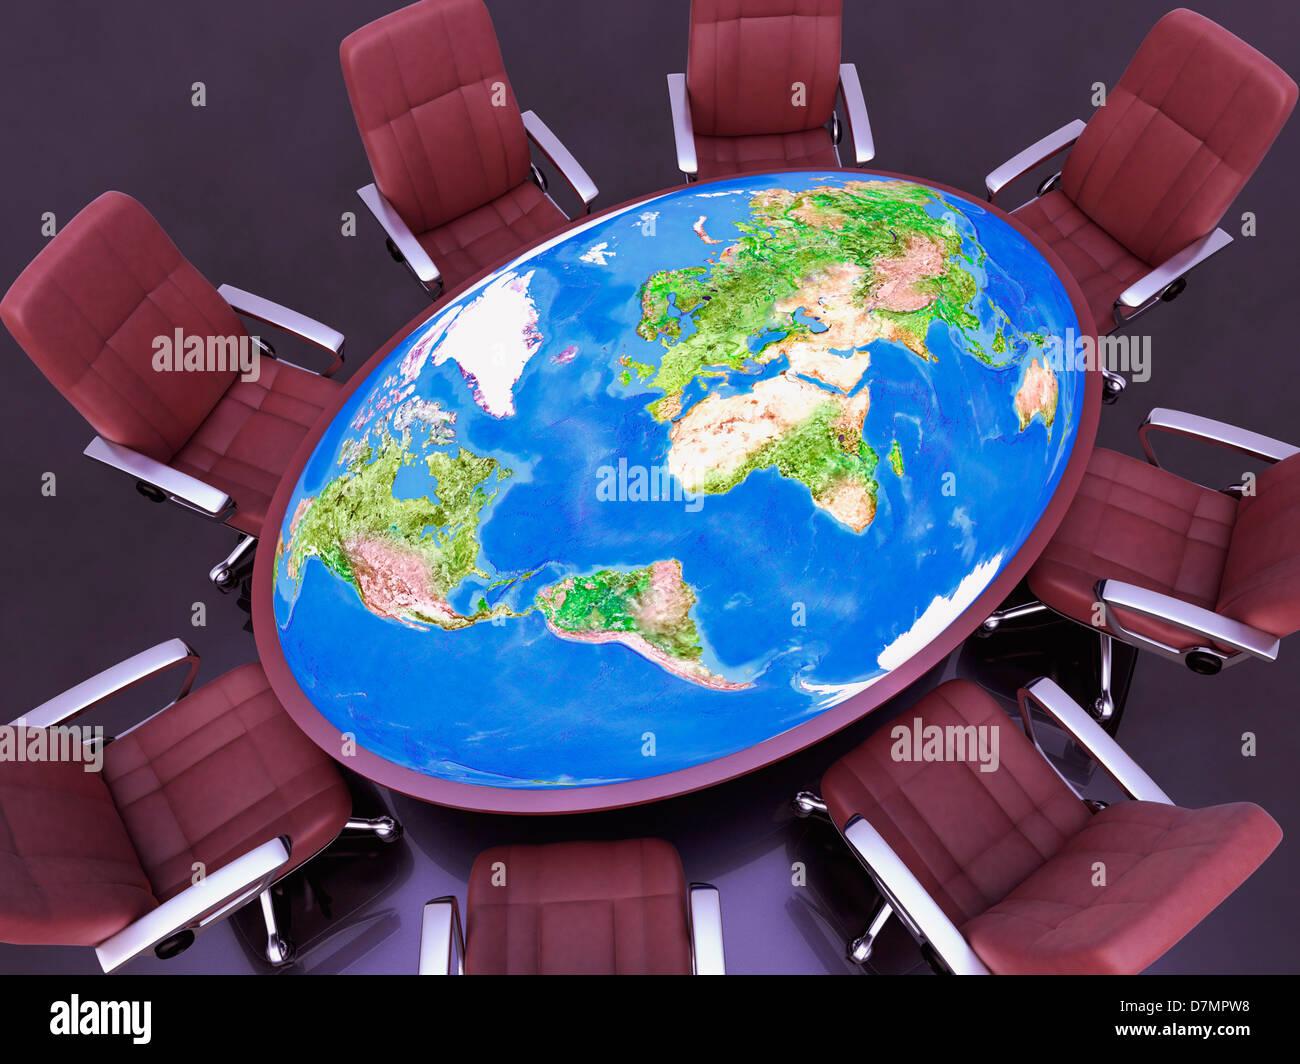 Las relaciones internacionales, imagen conceptual Imagen De Stock